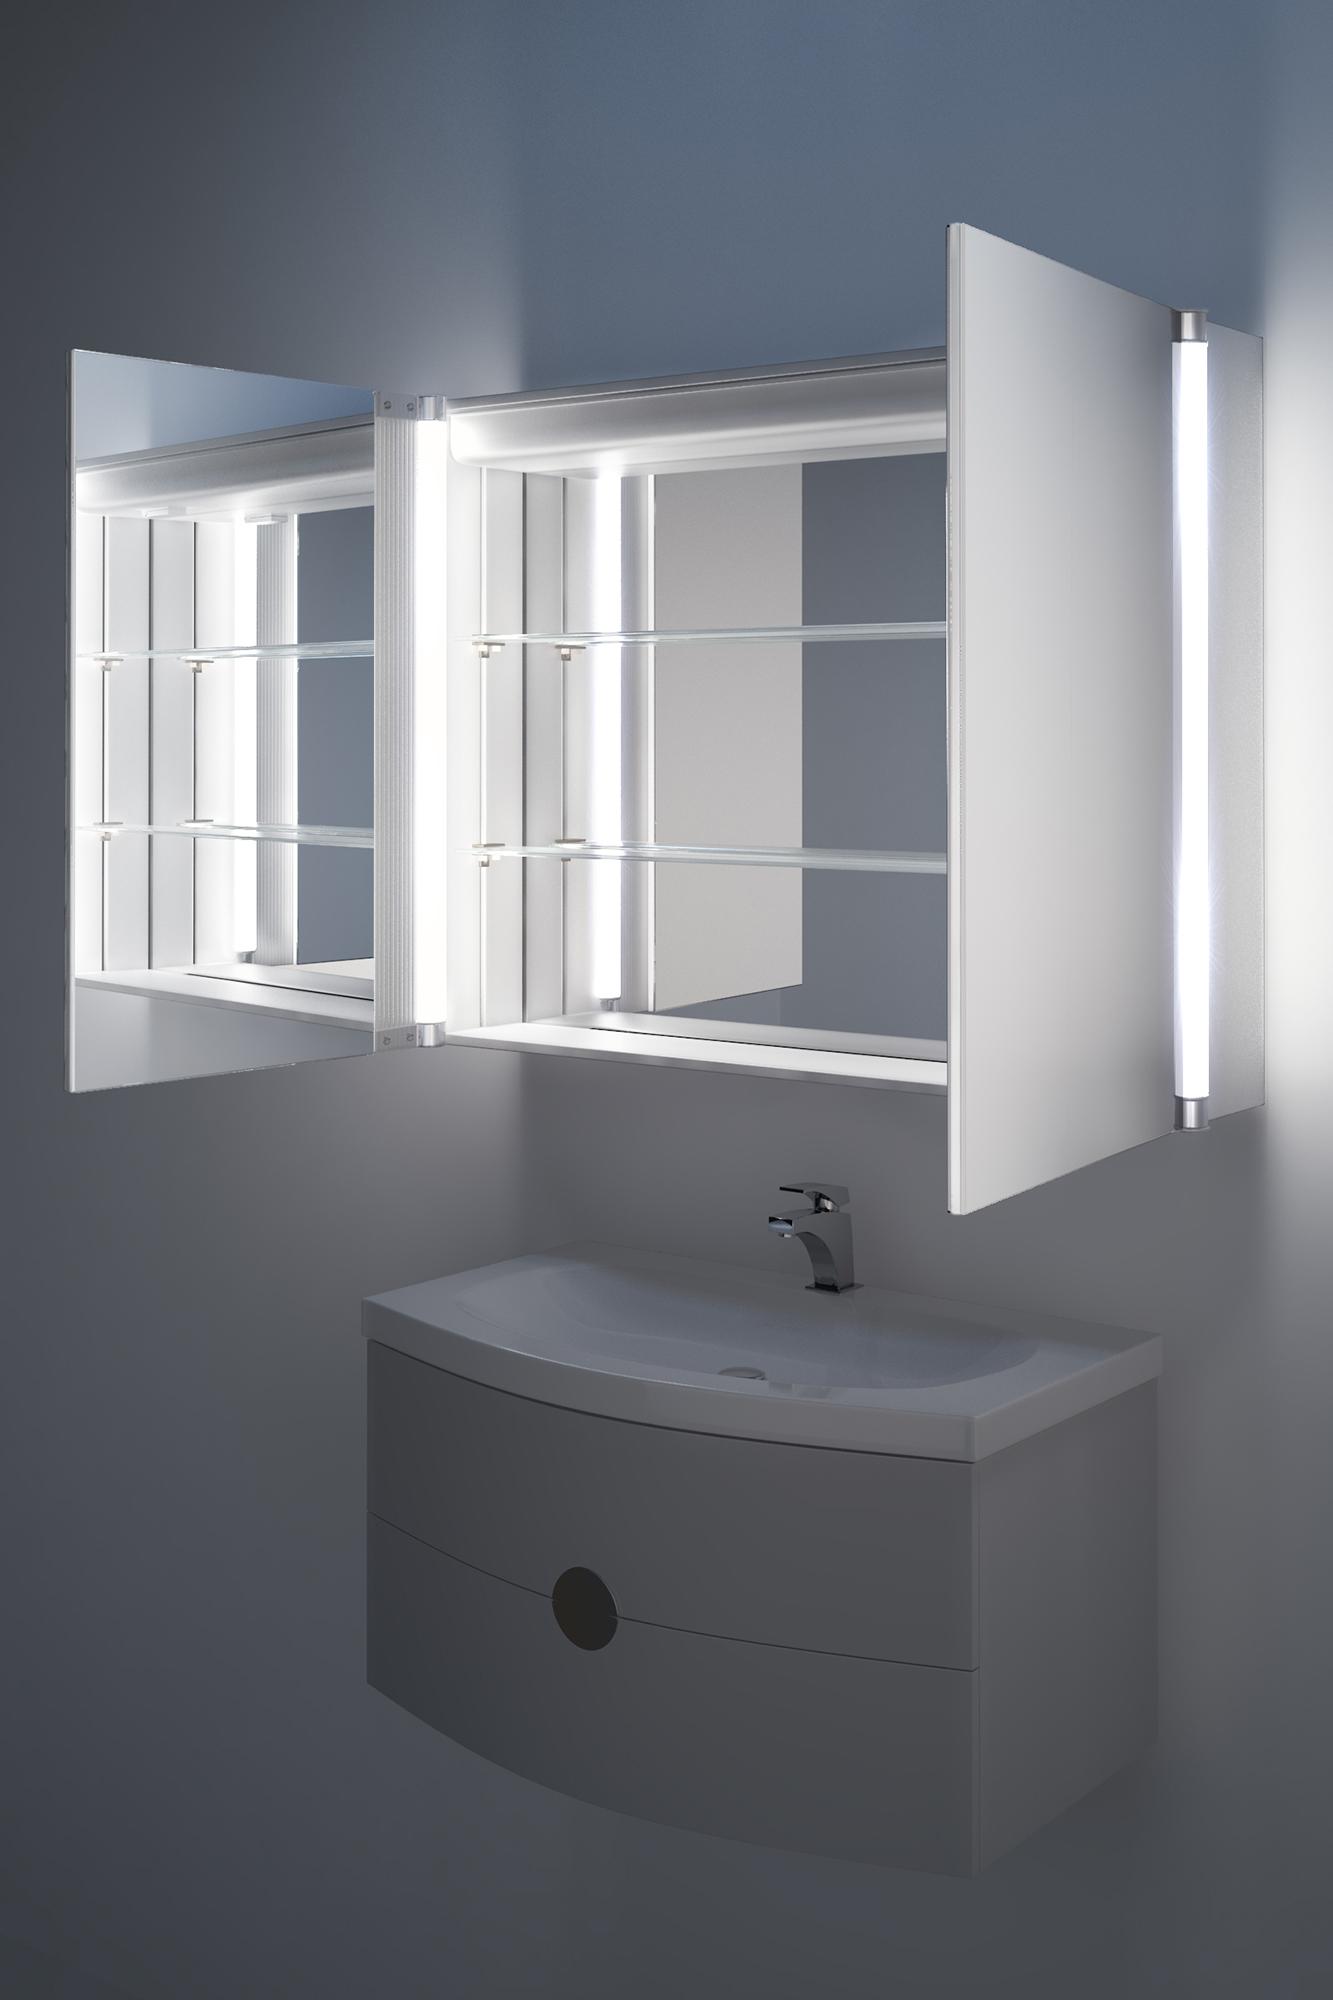 Armoires de toilette avec miroir miroir lumineux tritoo for Armoire de toilette miroir lumineux